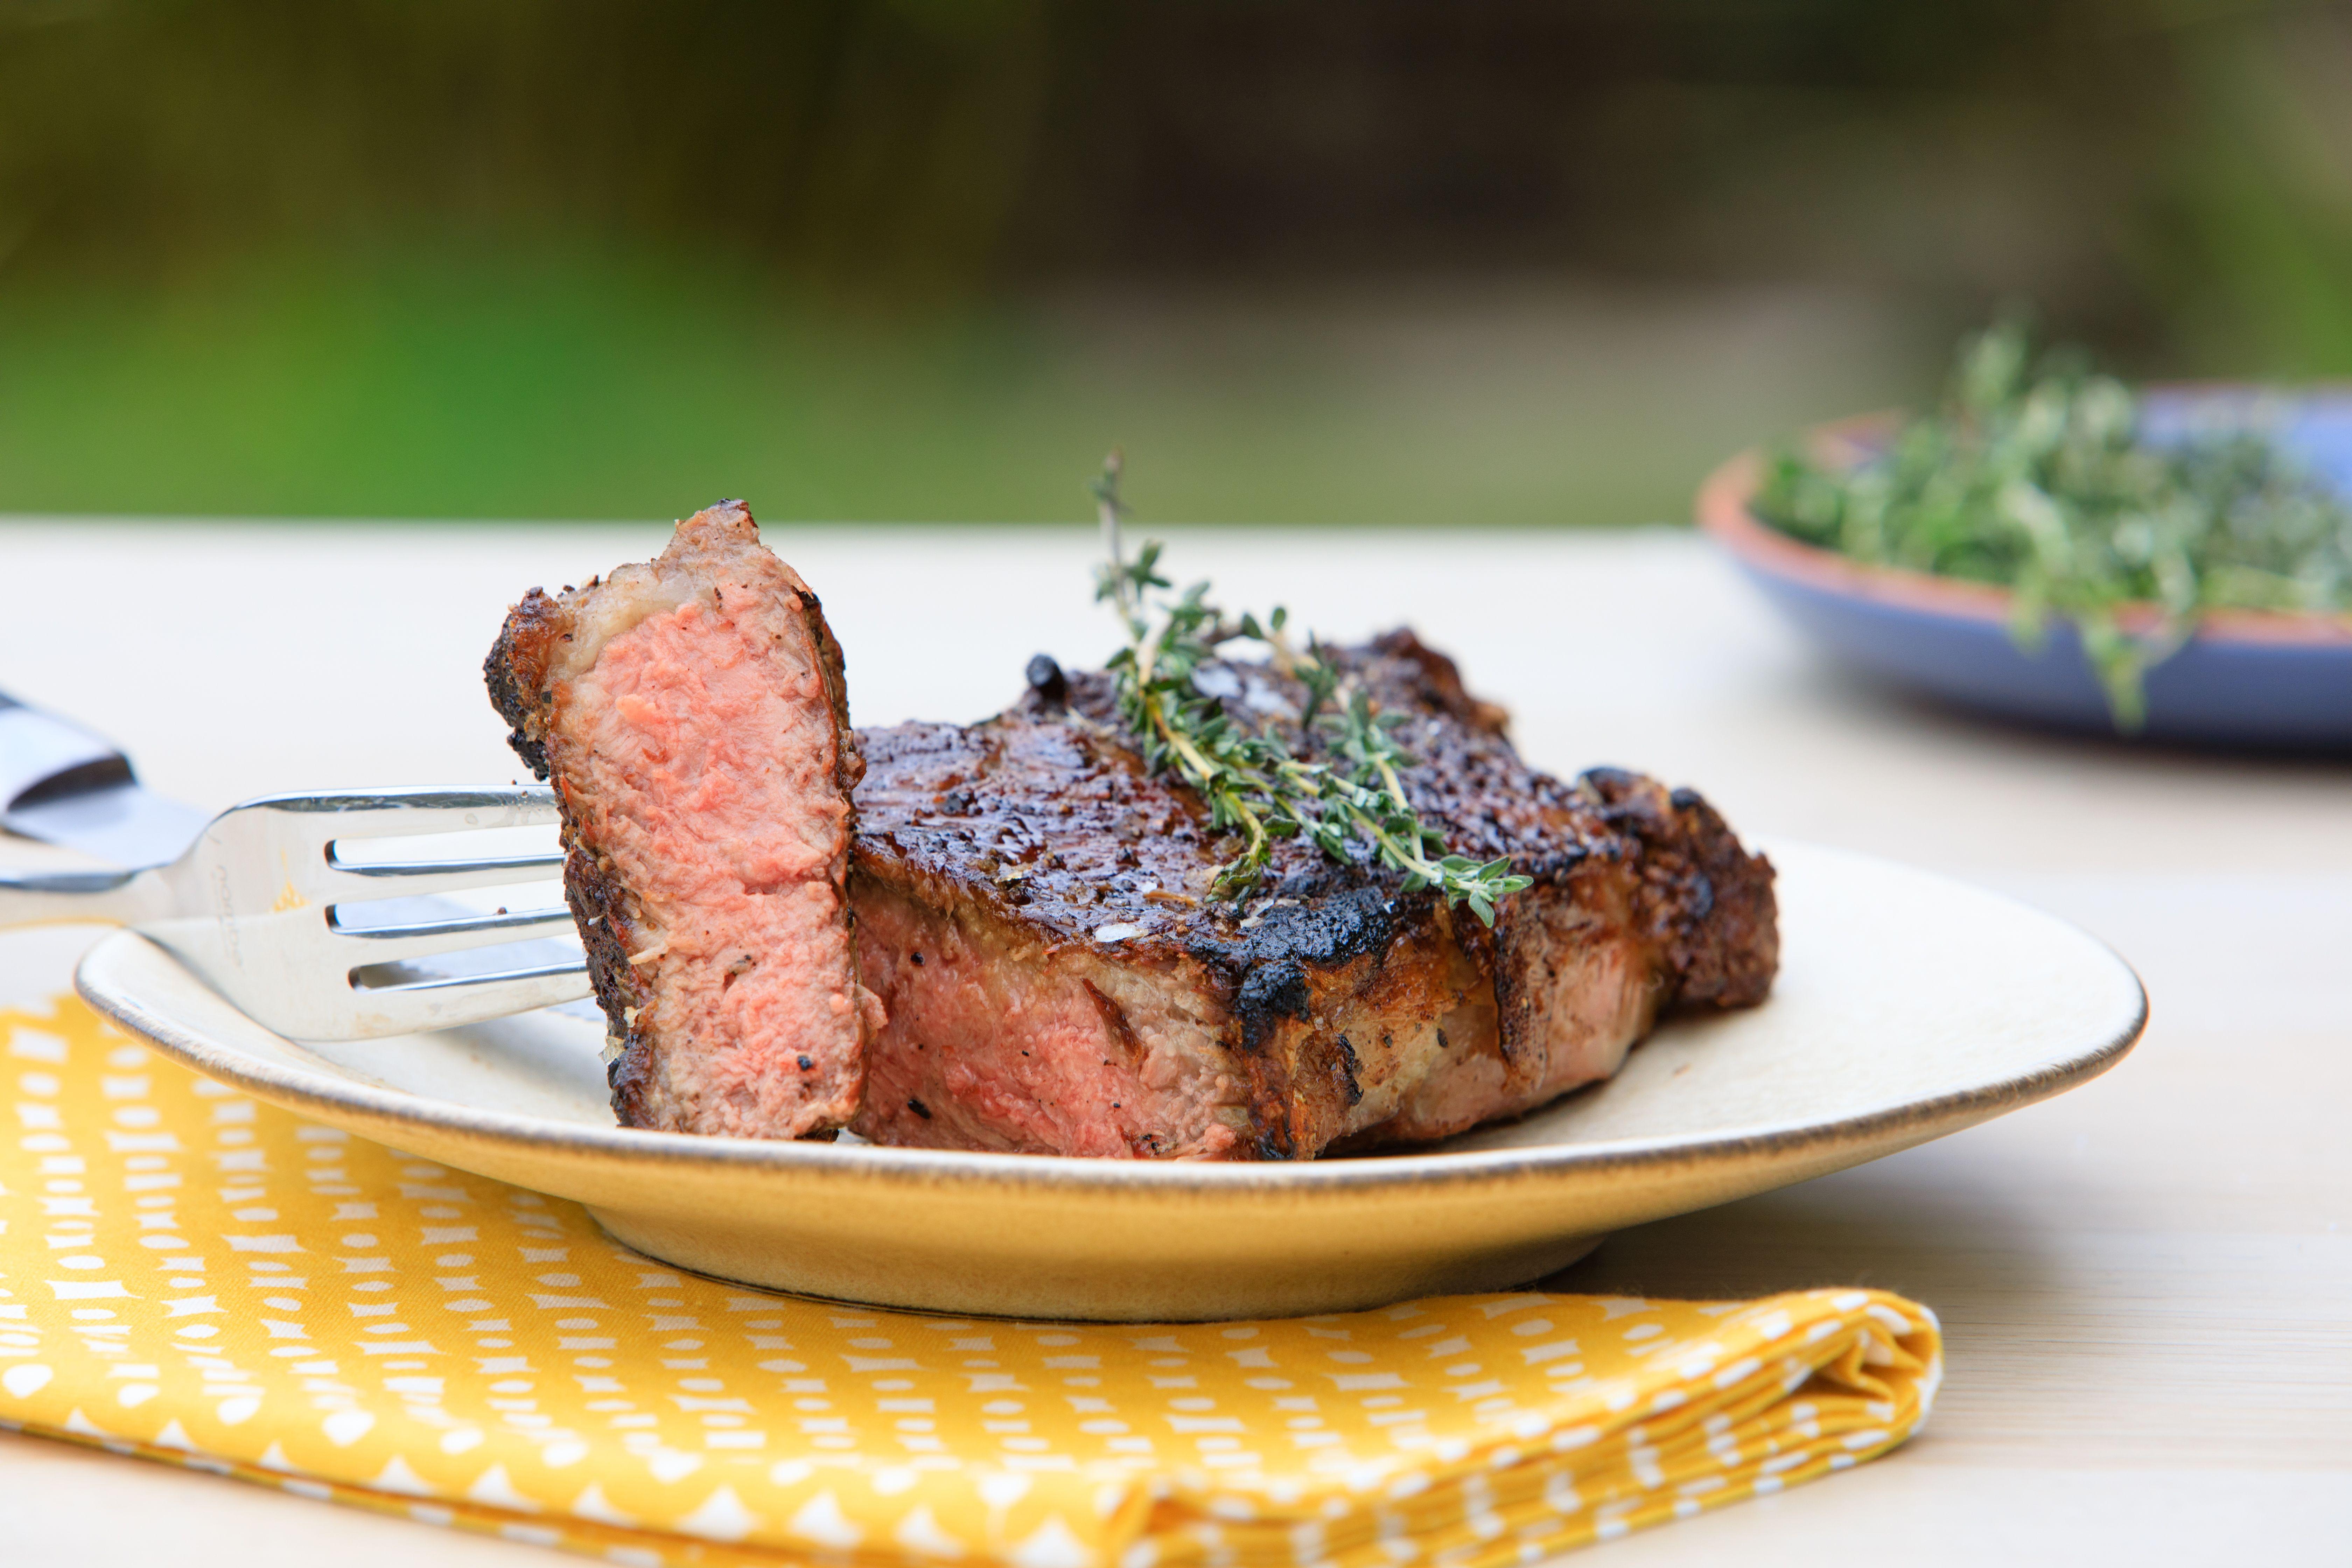 How To Grill Steak How To Grill Steak Steak Food Network Recipes